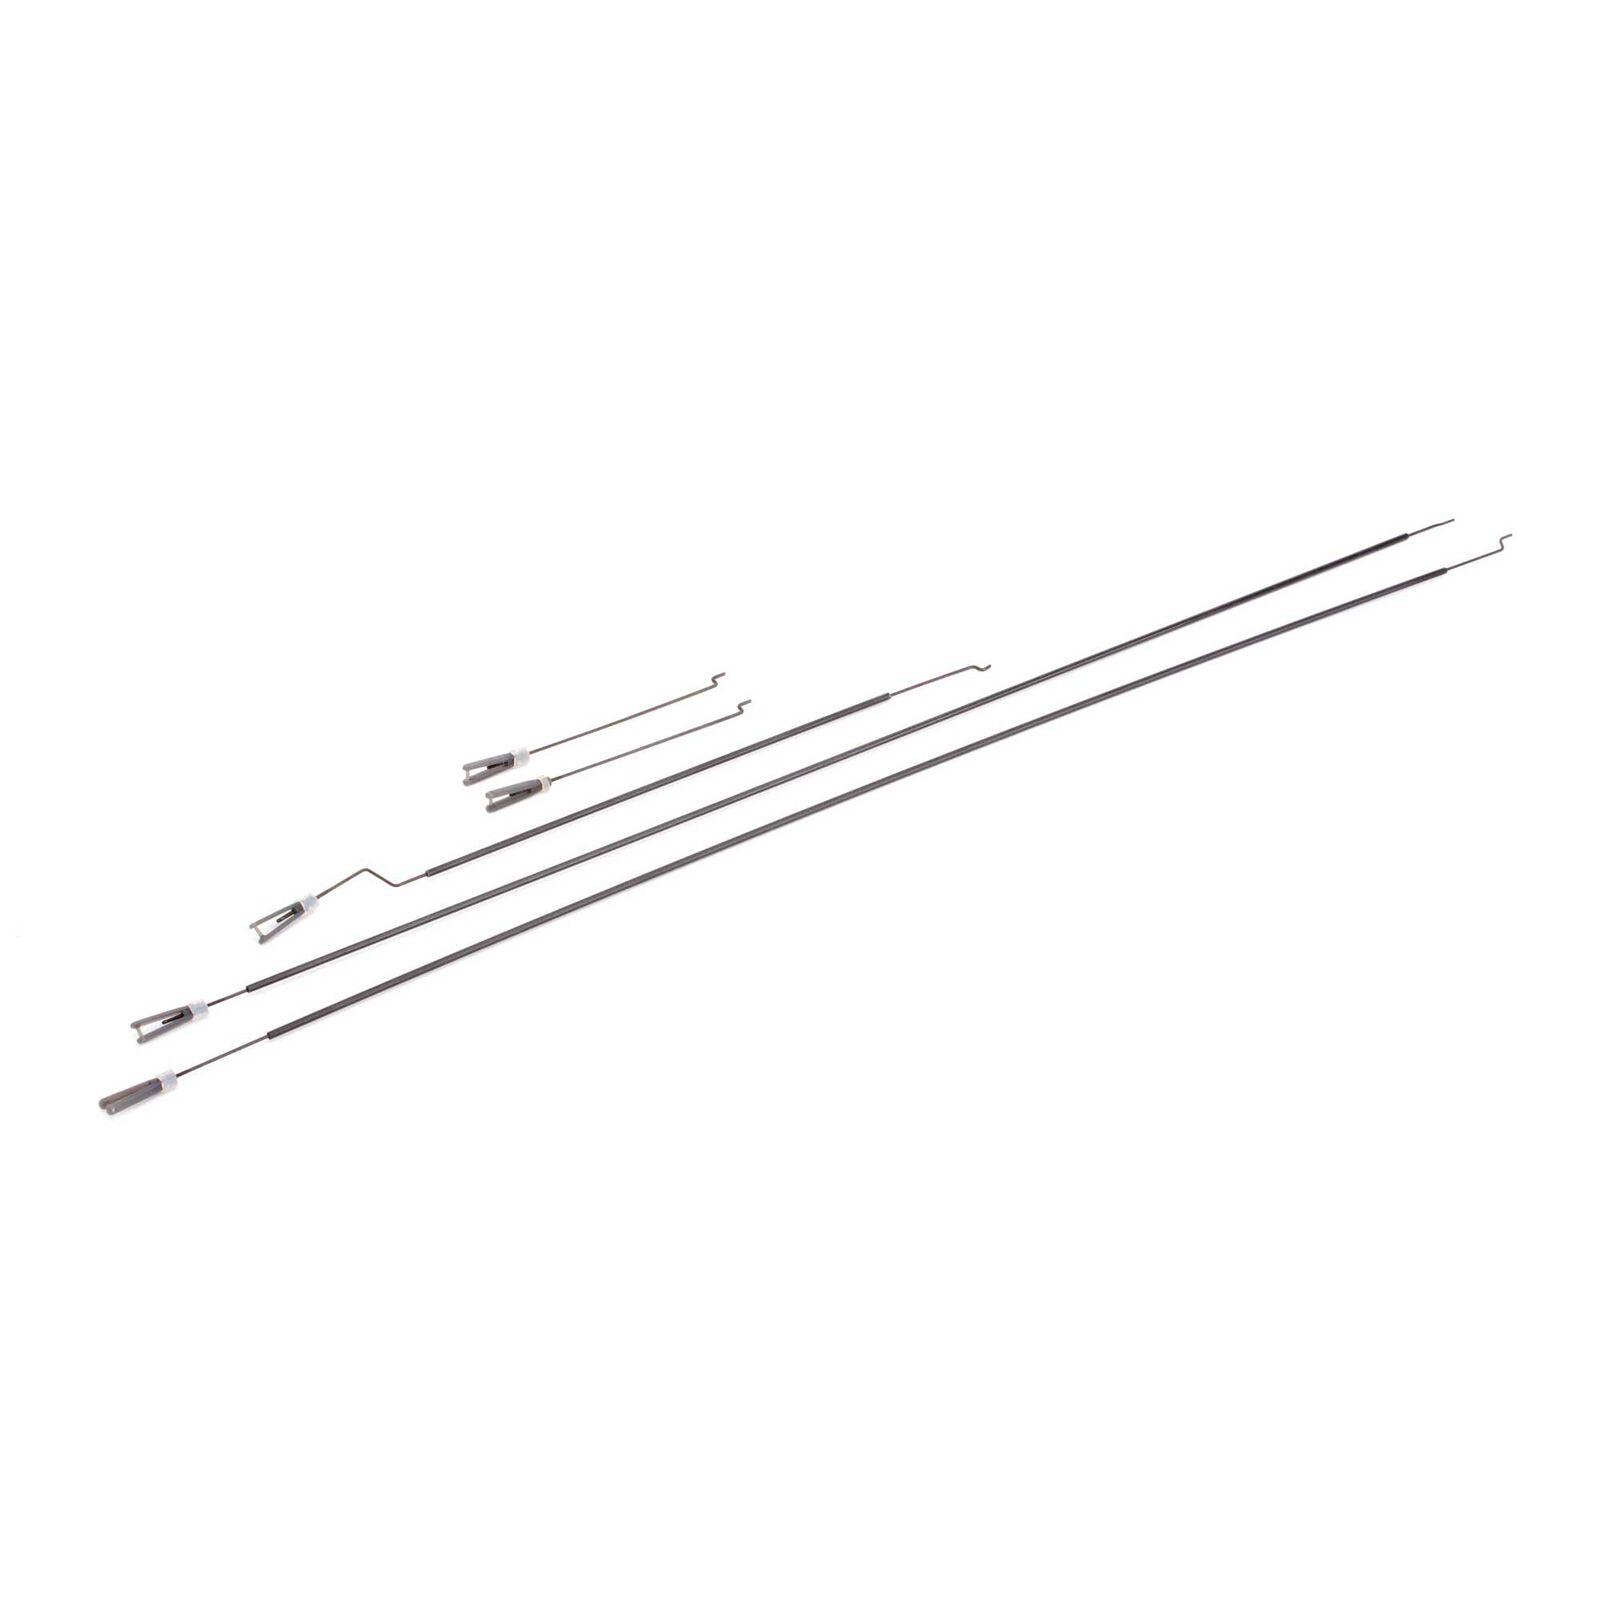 Pushrod Set: Apprentice S 15e RTF